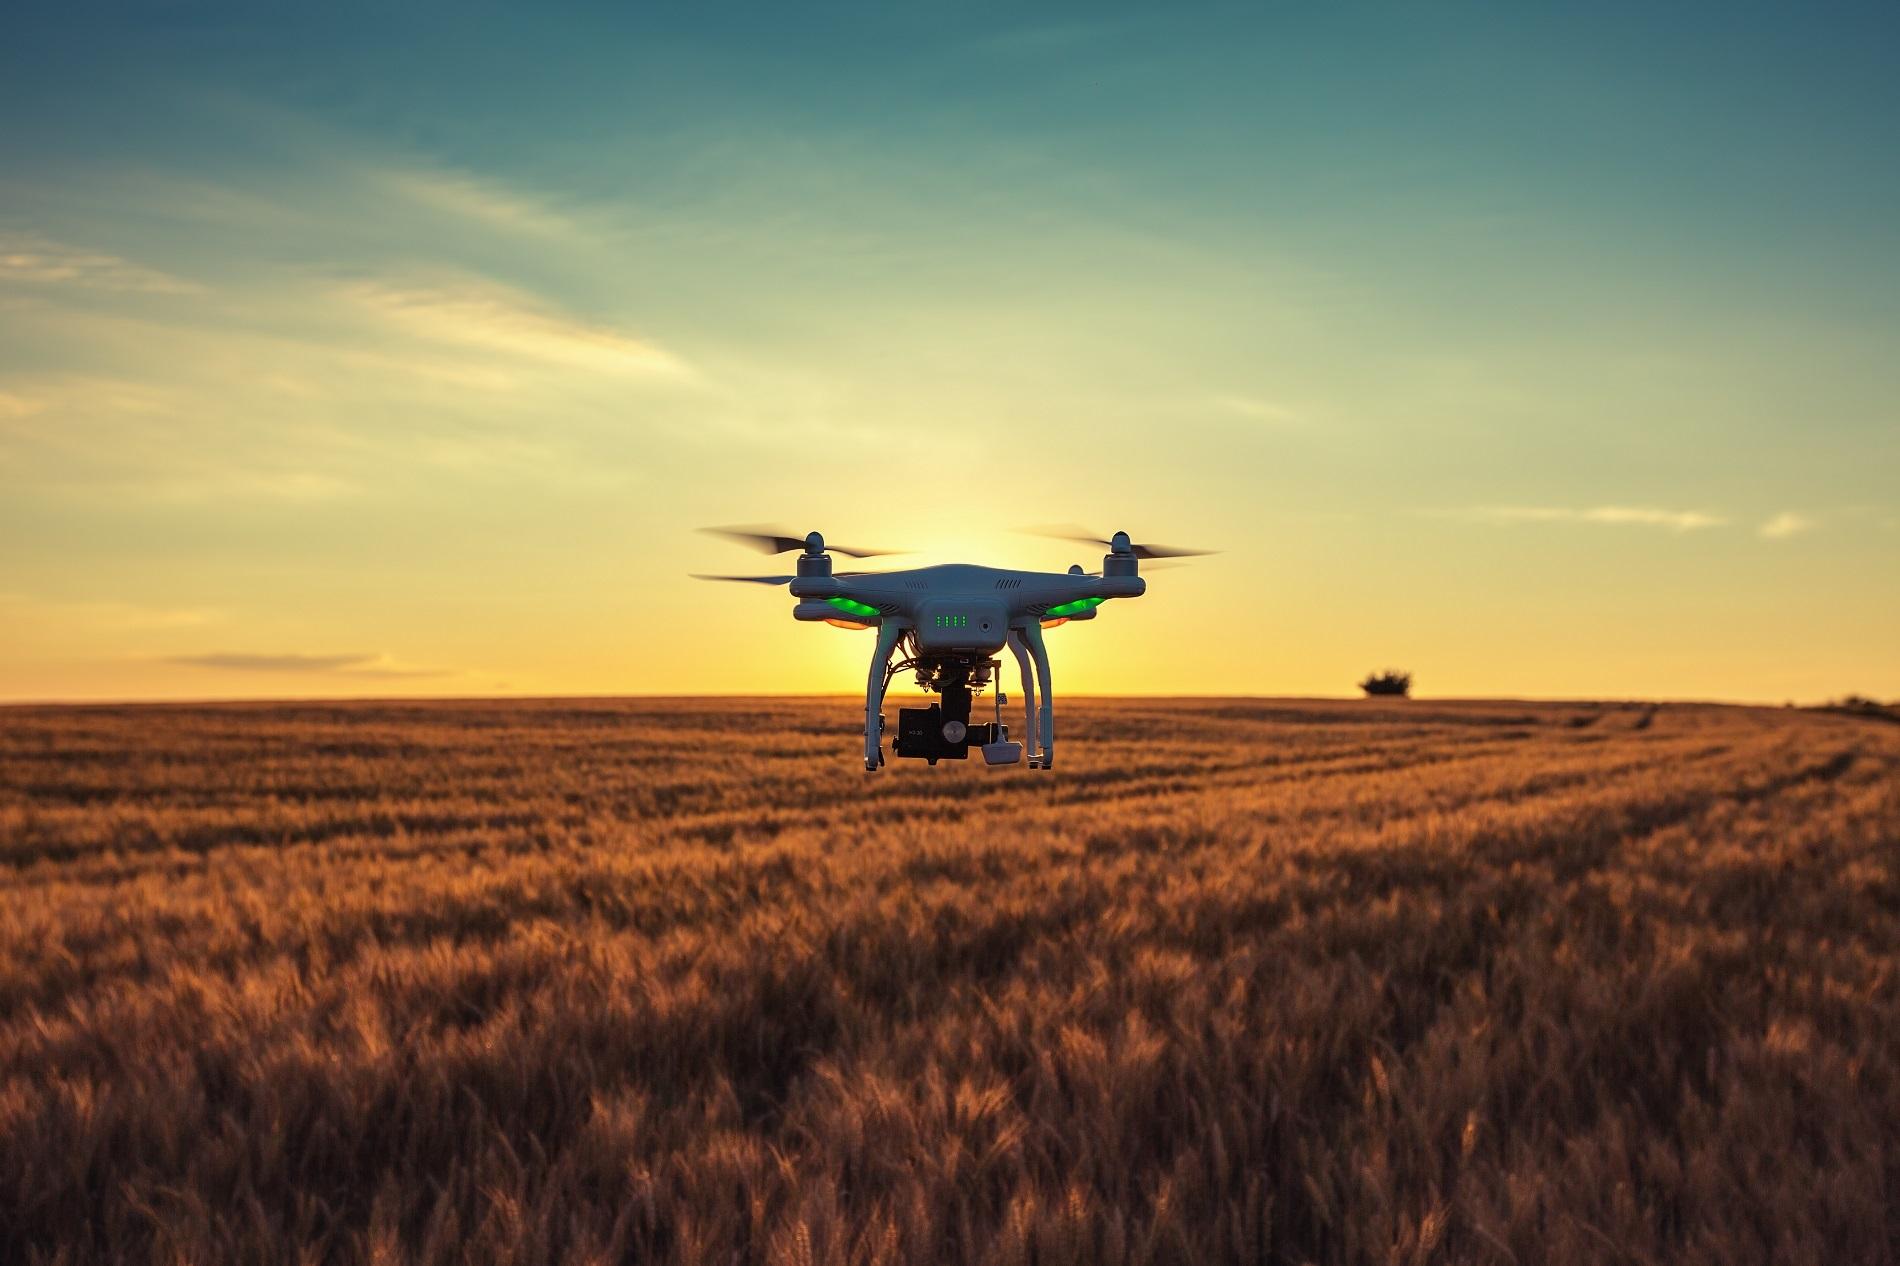 ¿Qué pueden aportar los drones y otros sistemas autónomos a la sanidad vegetal de tus cultivos?